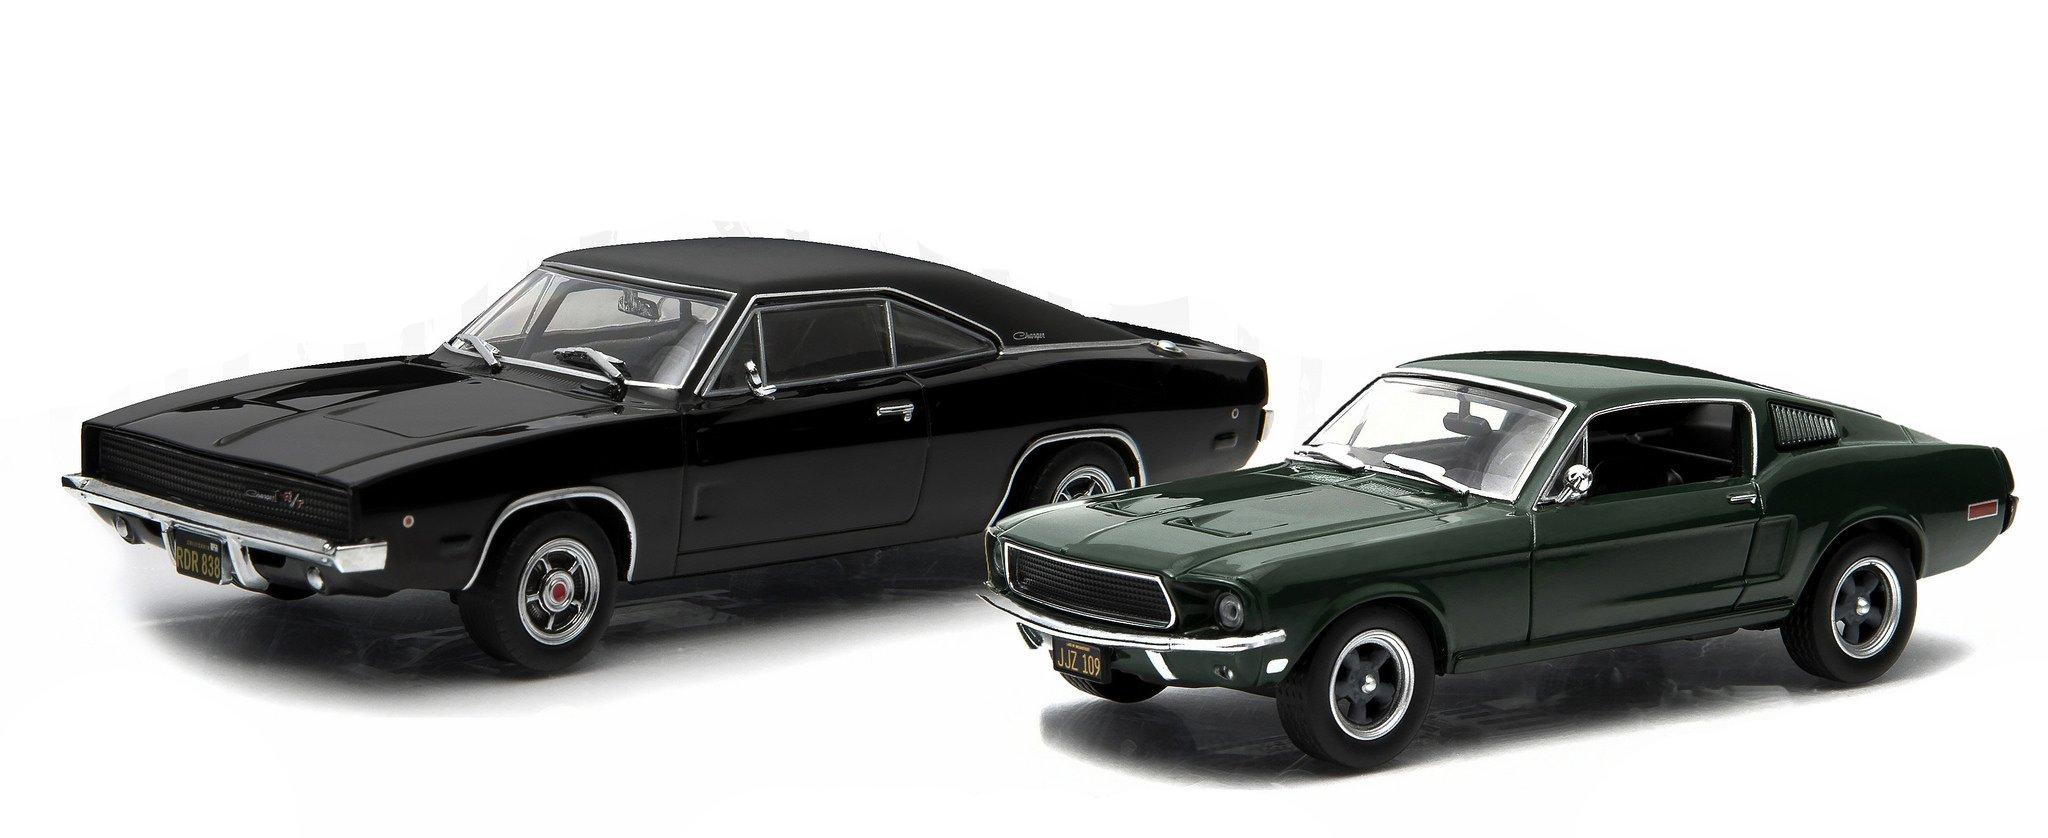 """1968 Ford Mustang GT Fastback Green Steve McQueen """"Bullitt"""" Movie (1968) & 1968 Dodge Charger Black R/T Steve McQueen """"Bullitt"""" Movie (1968) Set 1/43 by Greenlight 86431 & 86432"""